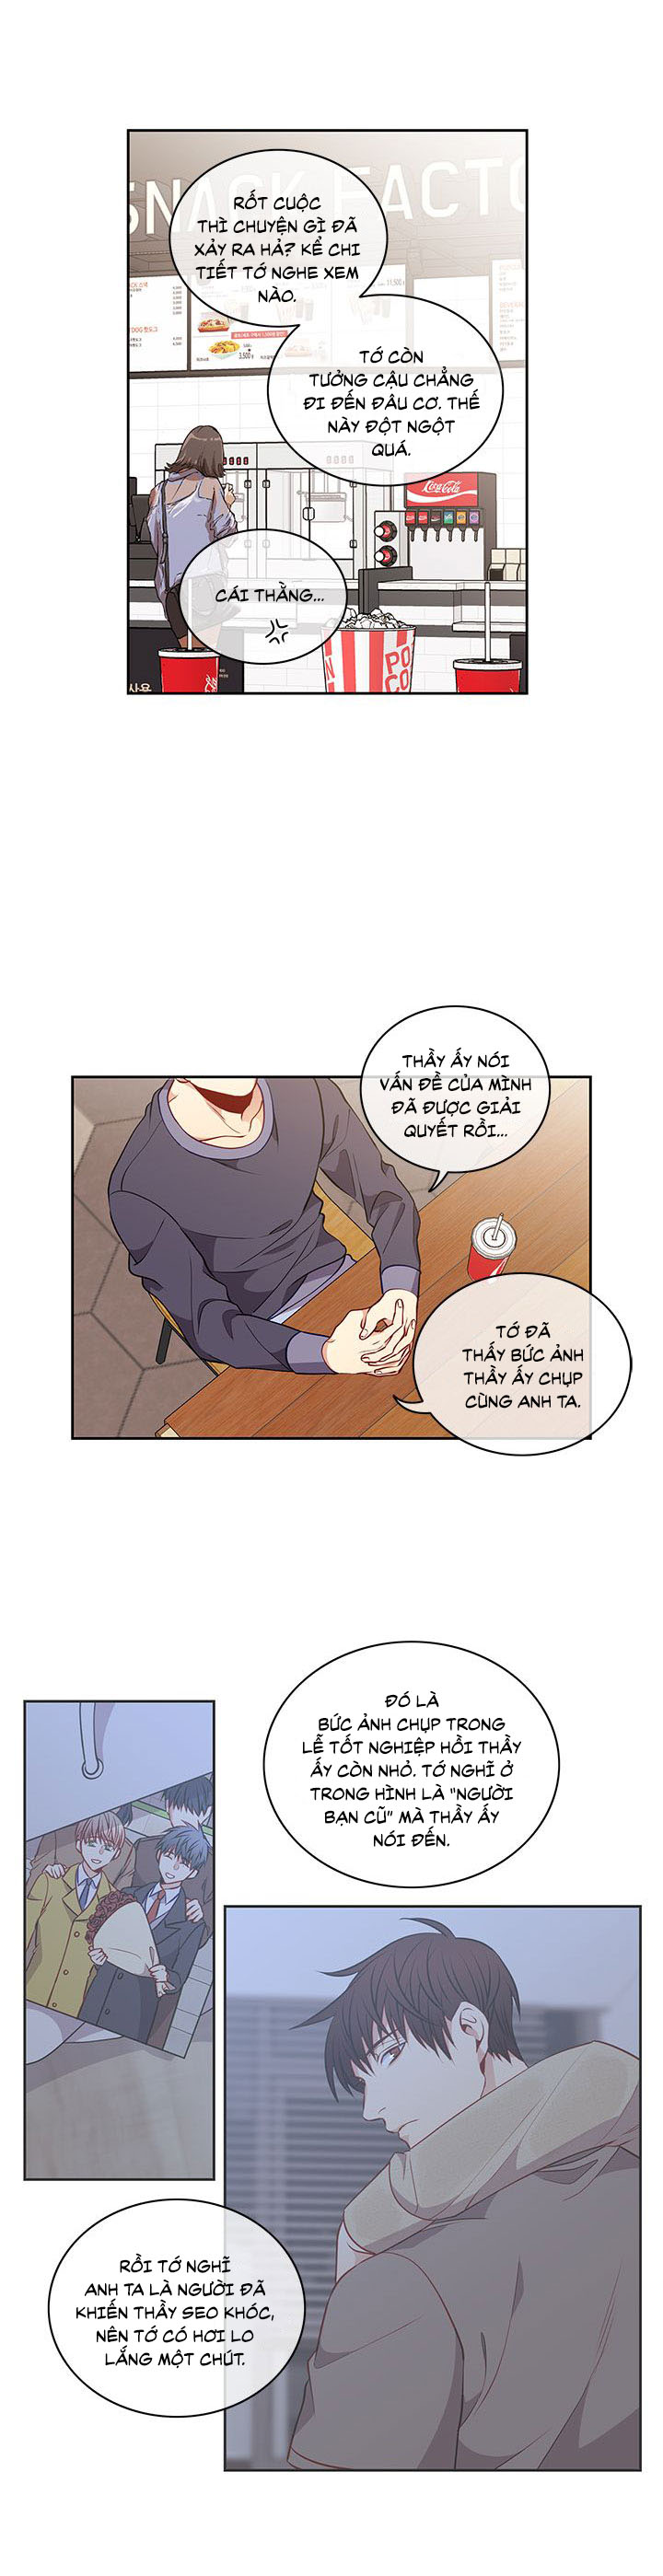 Phía Sau Bàn Giấy Chapter 20 - Trang 6